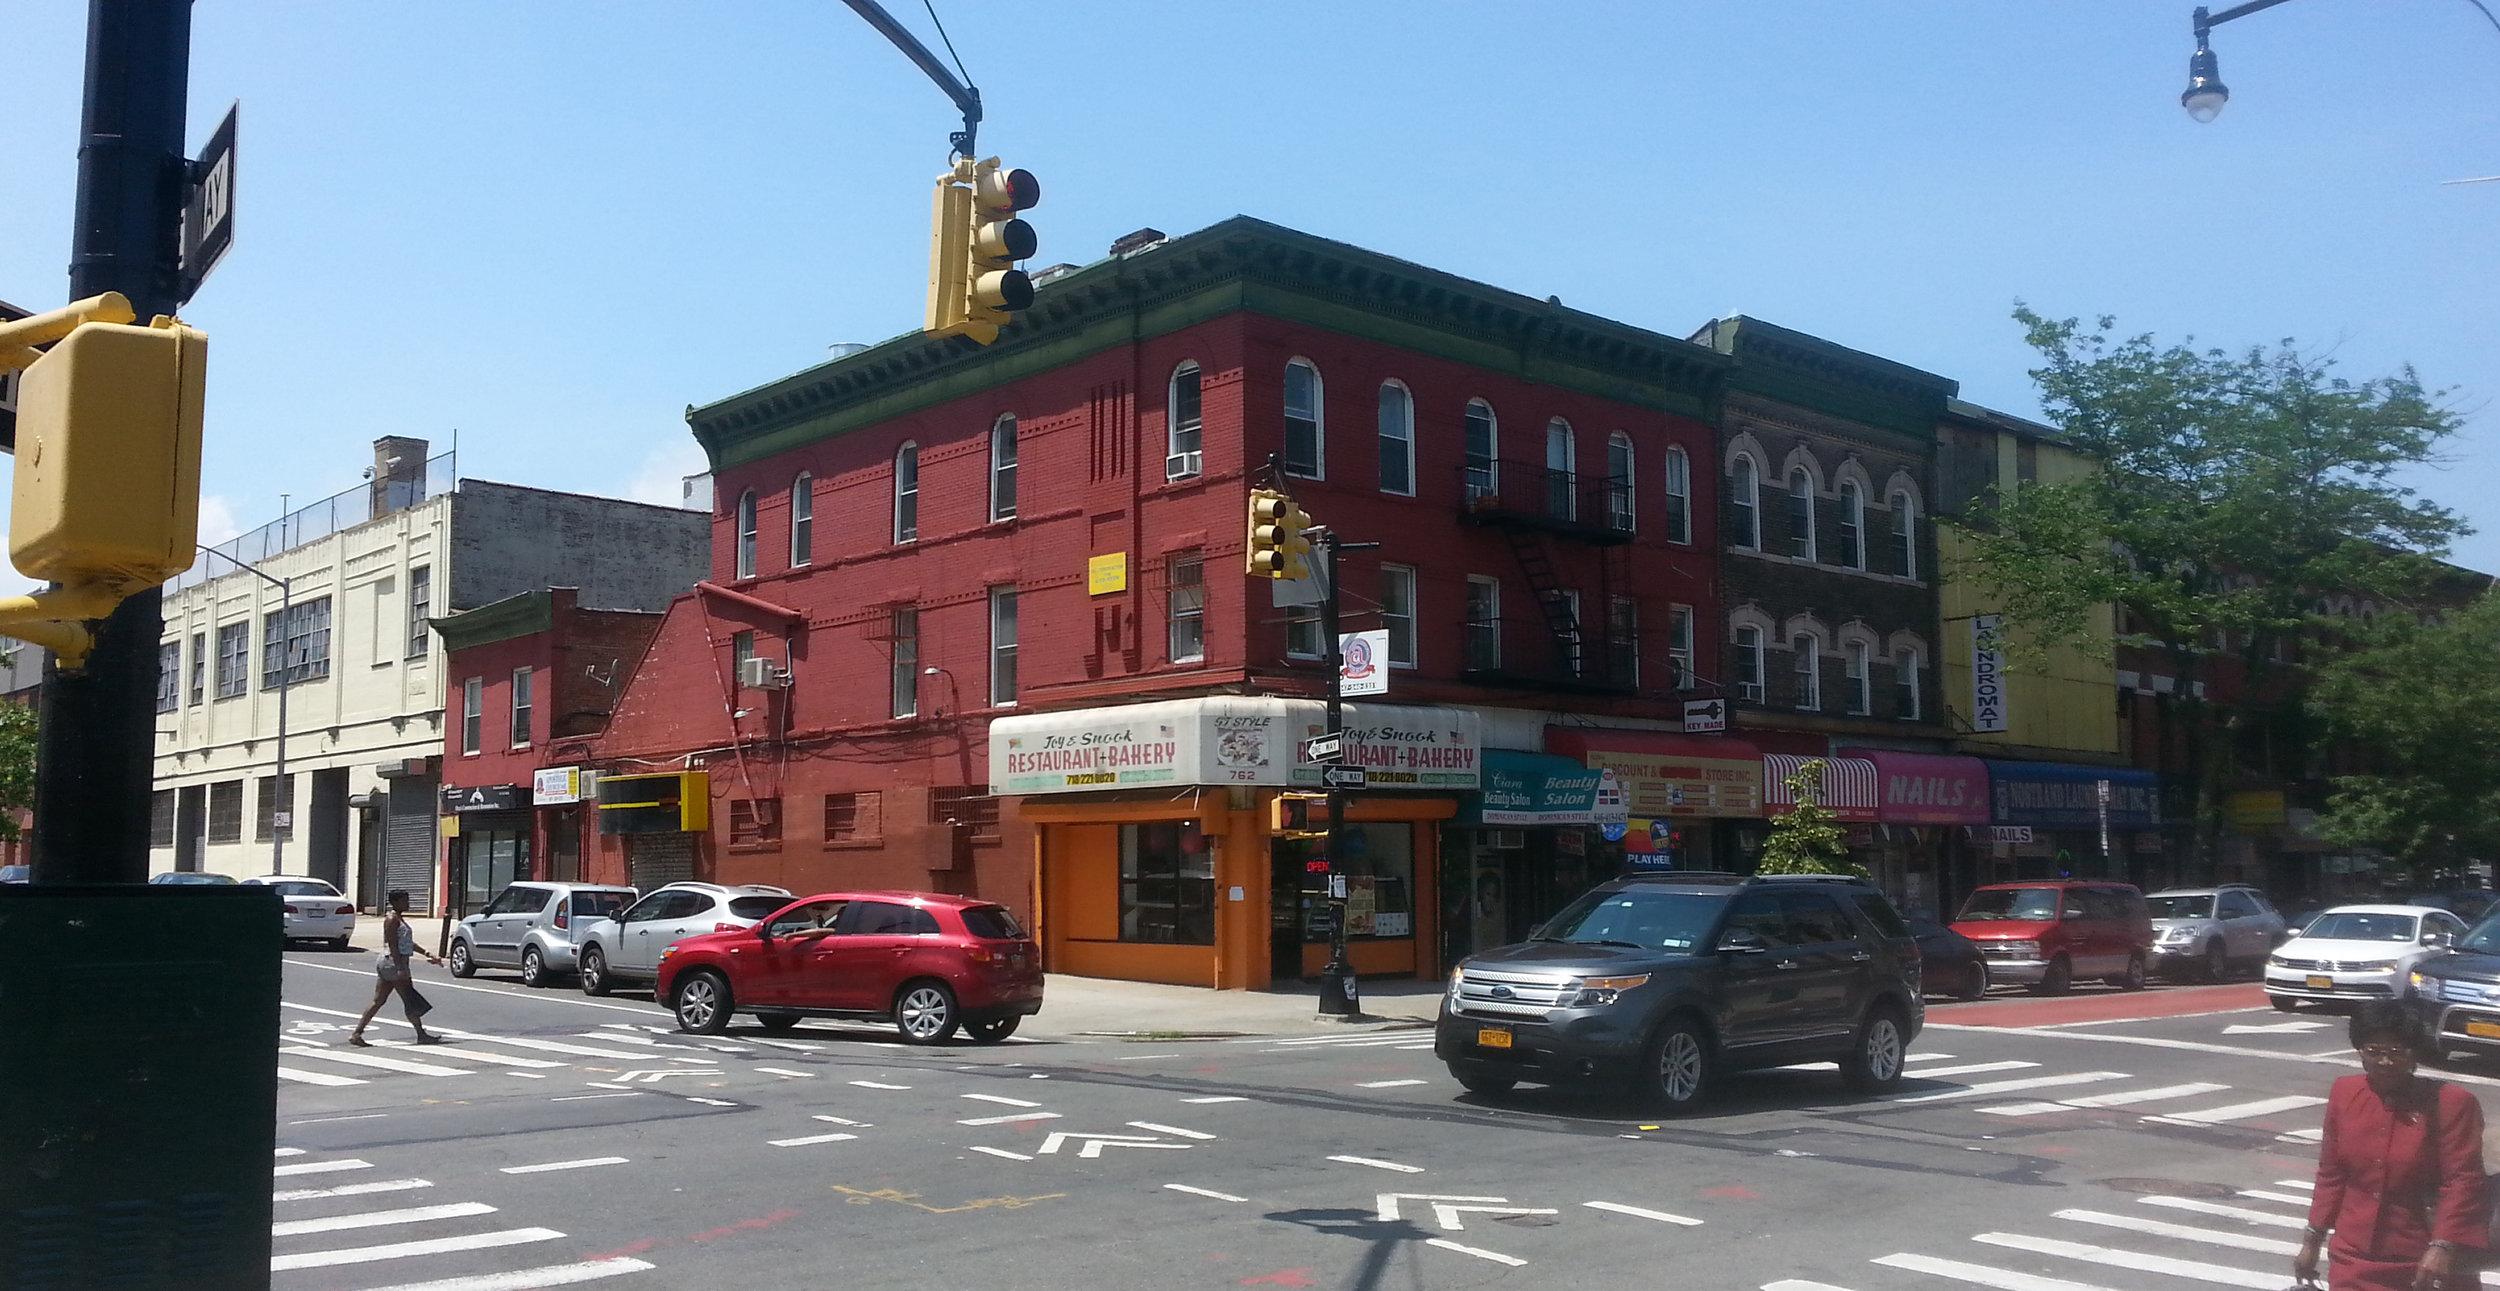 762 Nostrand Ave., Brooklyn, NY. Photo: Darryl Montgomery.